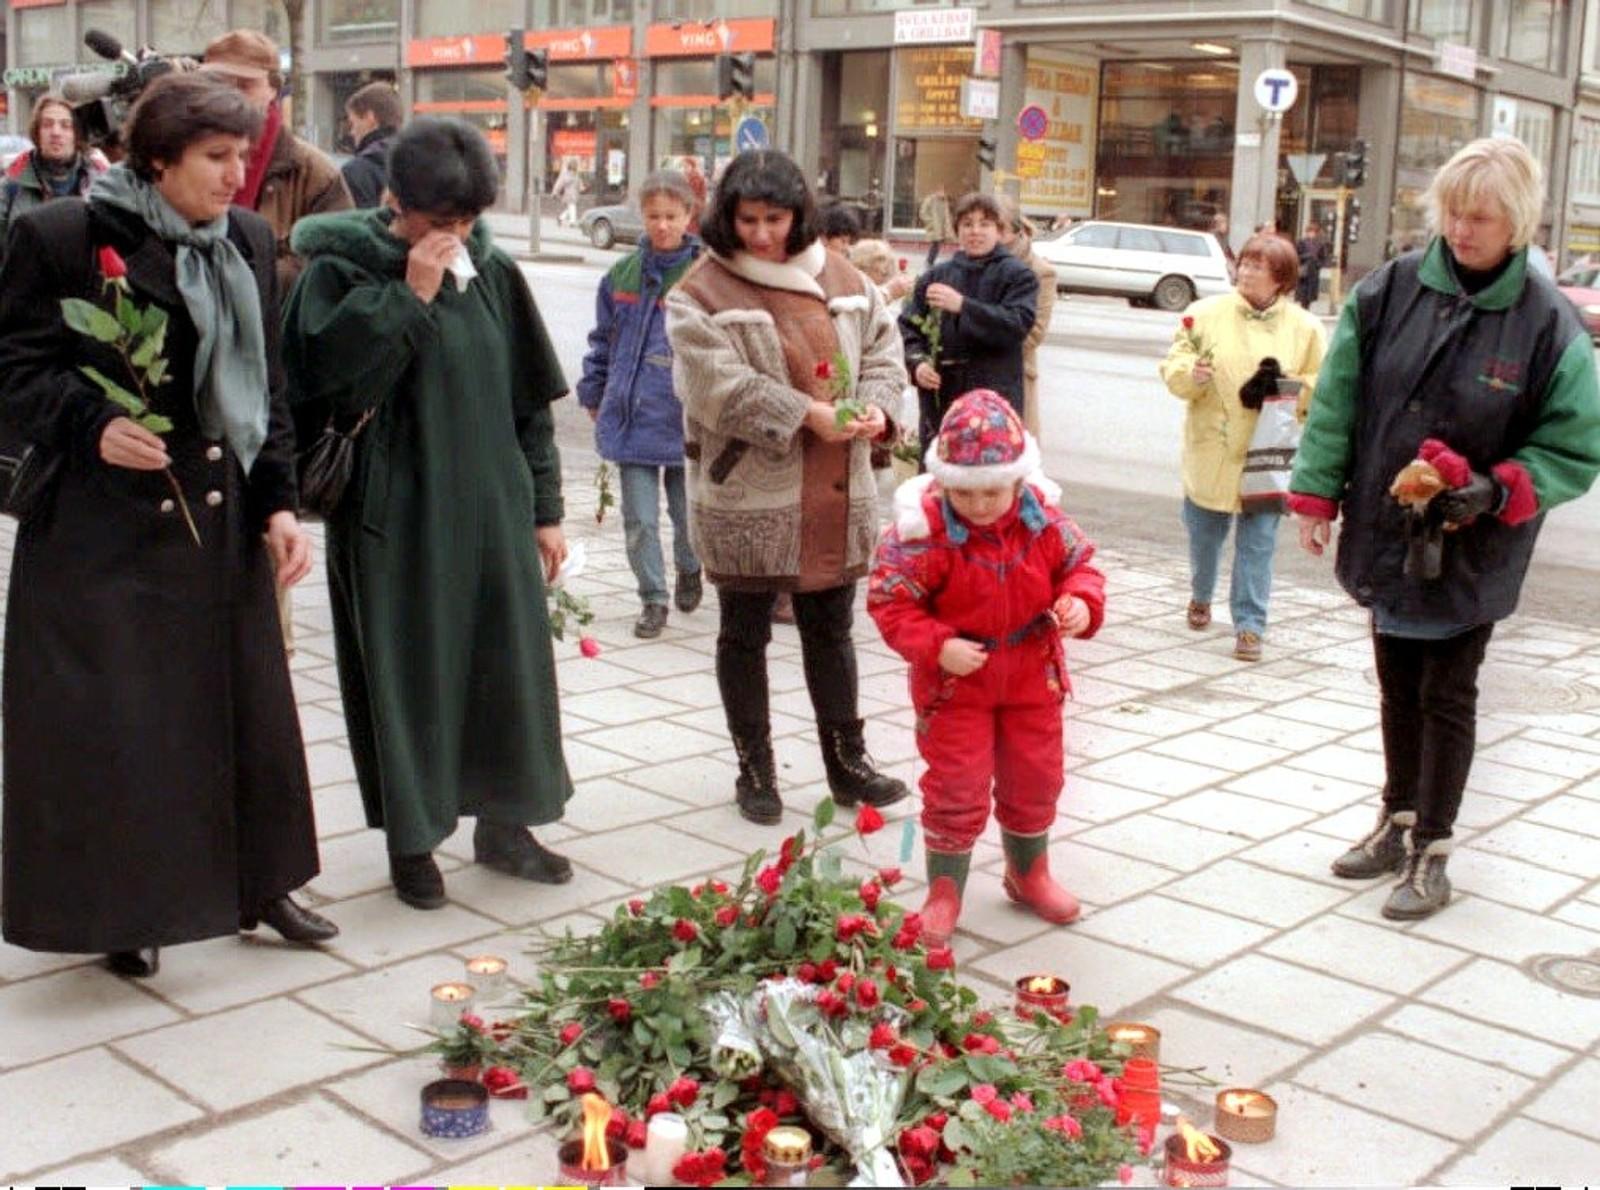 Svensker legger ned roser som et symbol på sosialdemokraten Olof Palme ved Sveavägen Avenue 28.